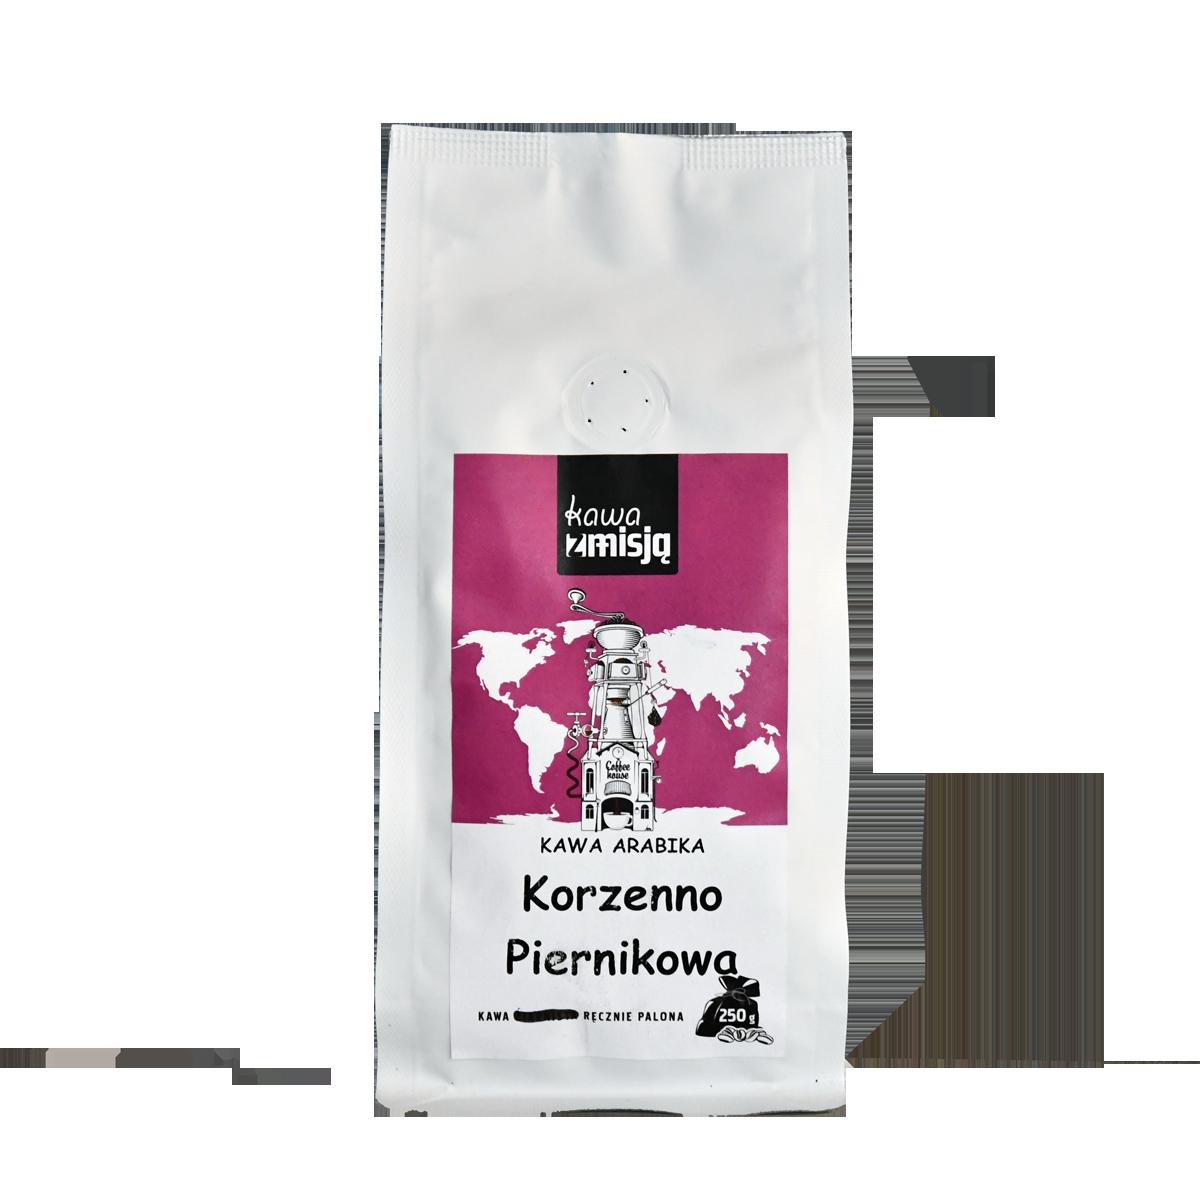 kawa_korzenna